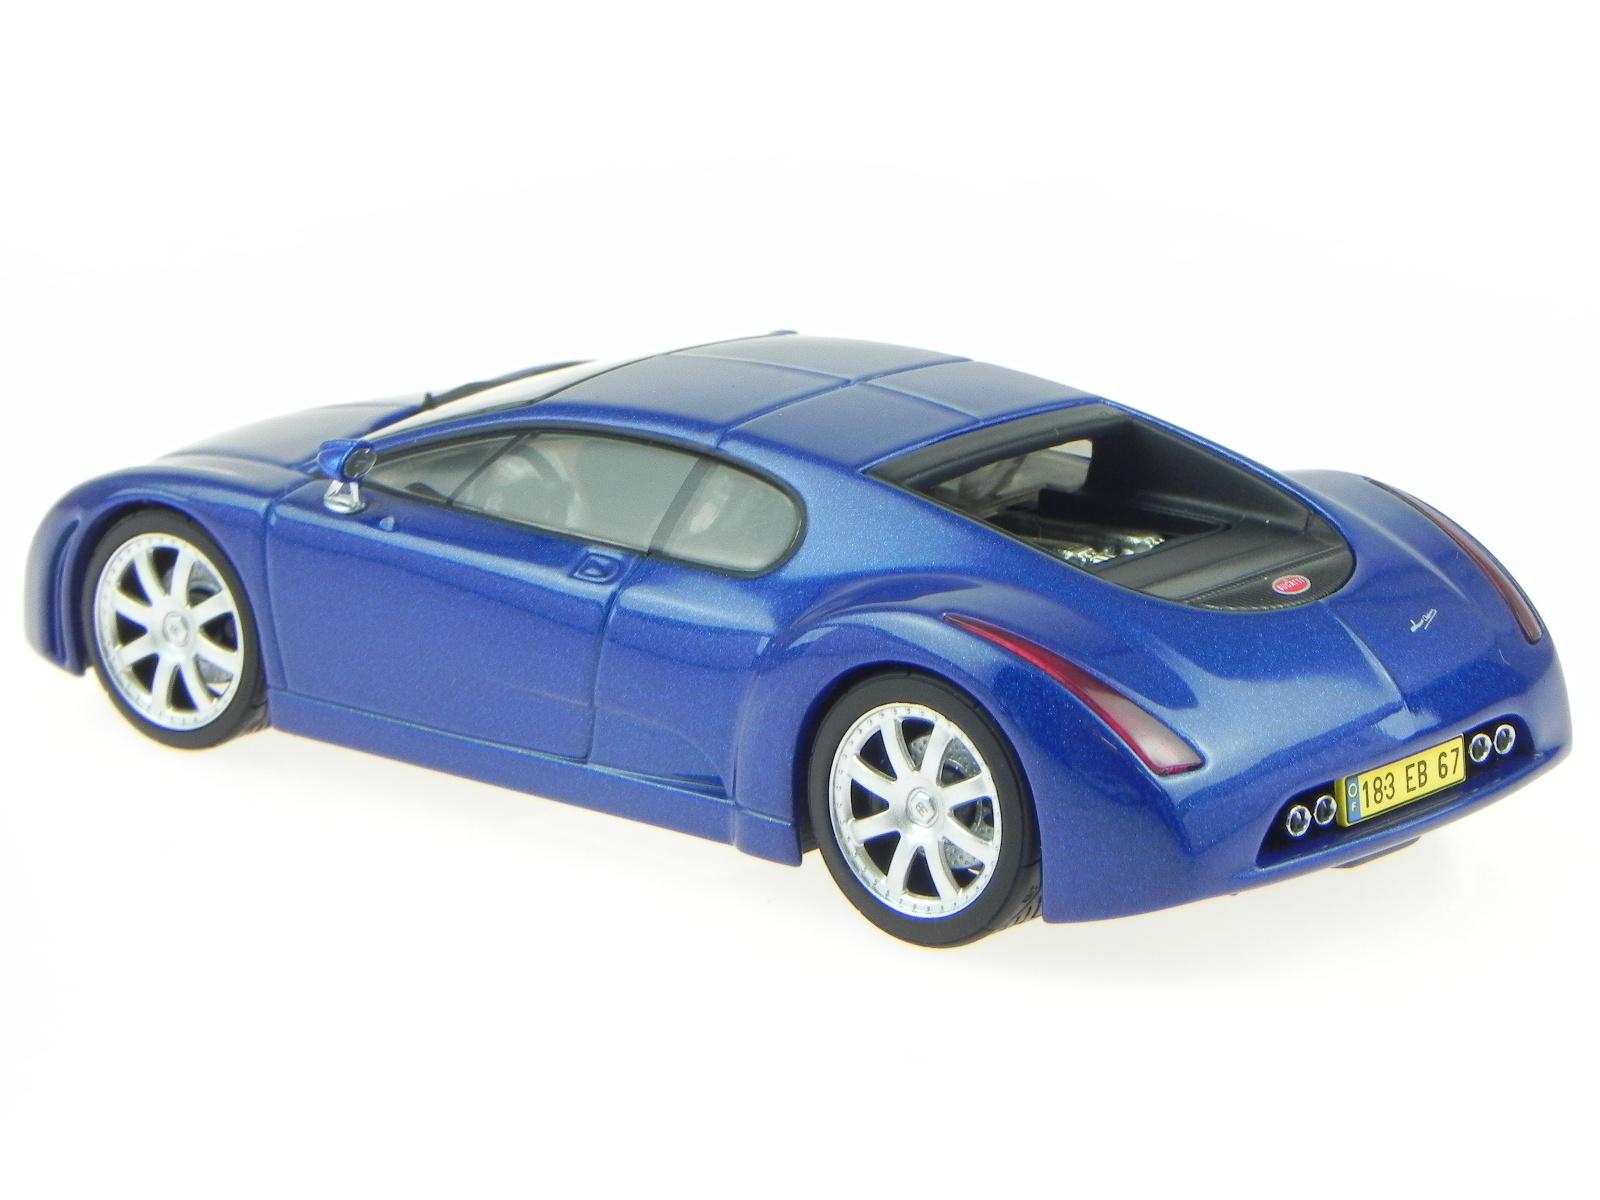 bugatti chiron 18 3 1999 blau modellauto 50911 autoart 1 43 eur 49 99 picclick de. Black Bedroom Furniture Sets. Home Design Ideas